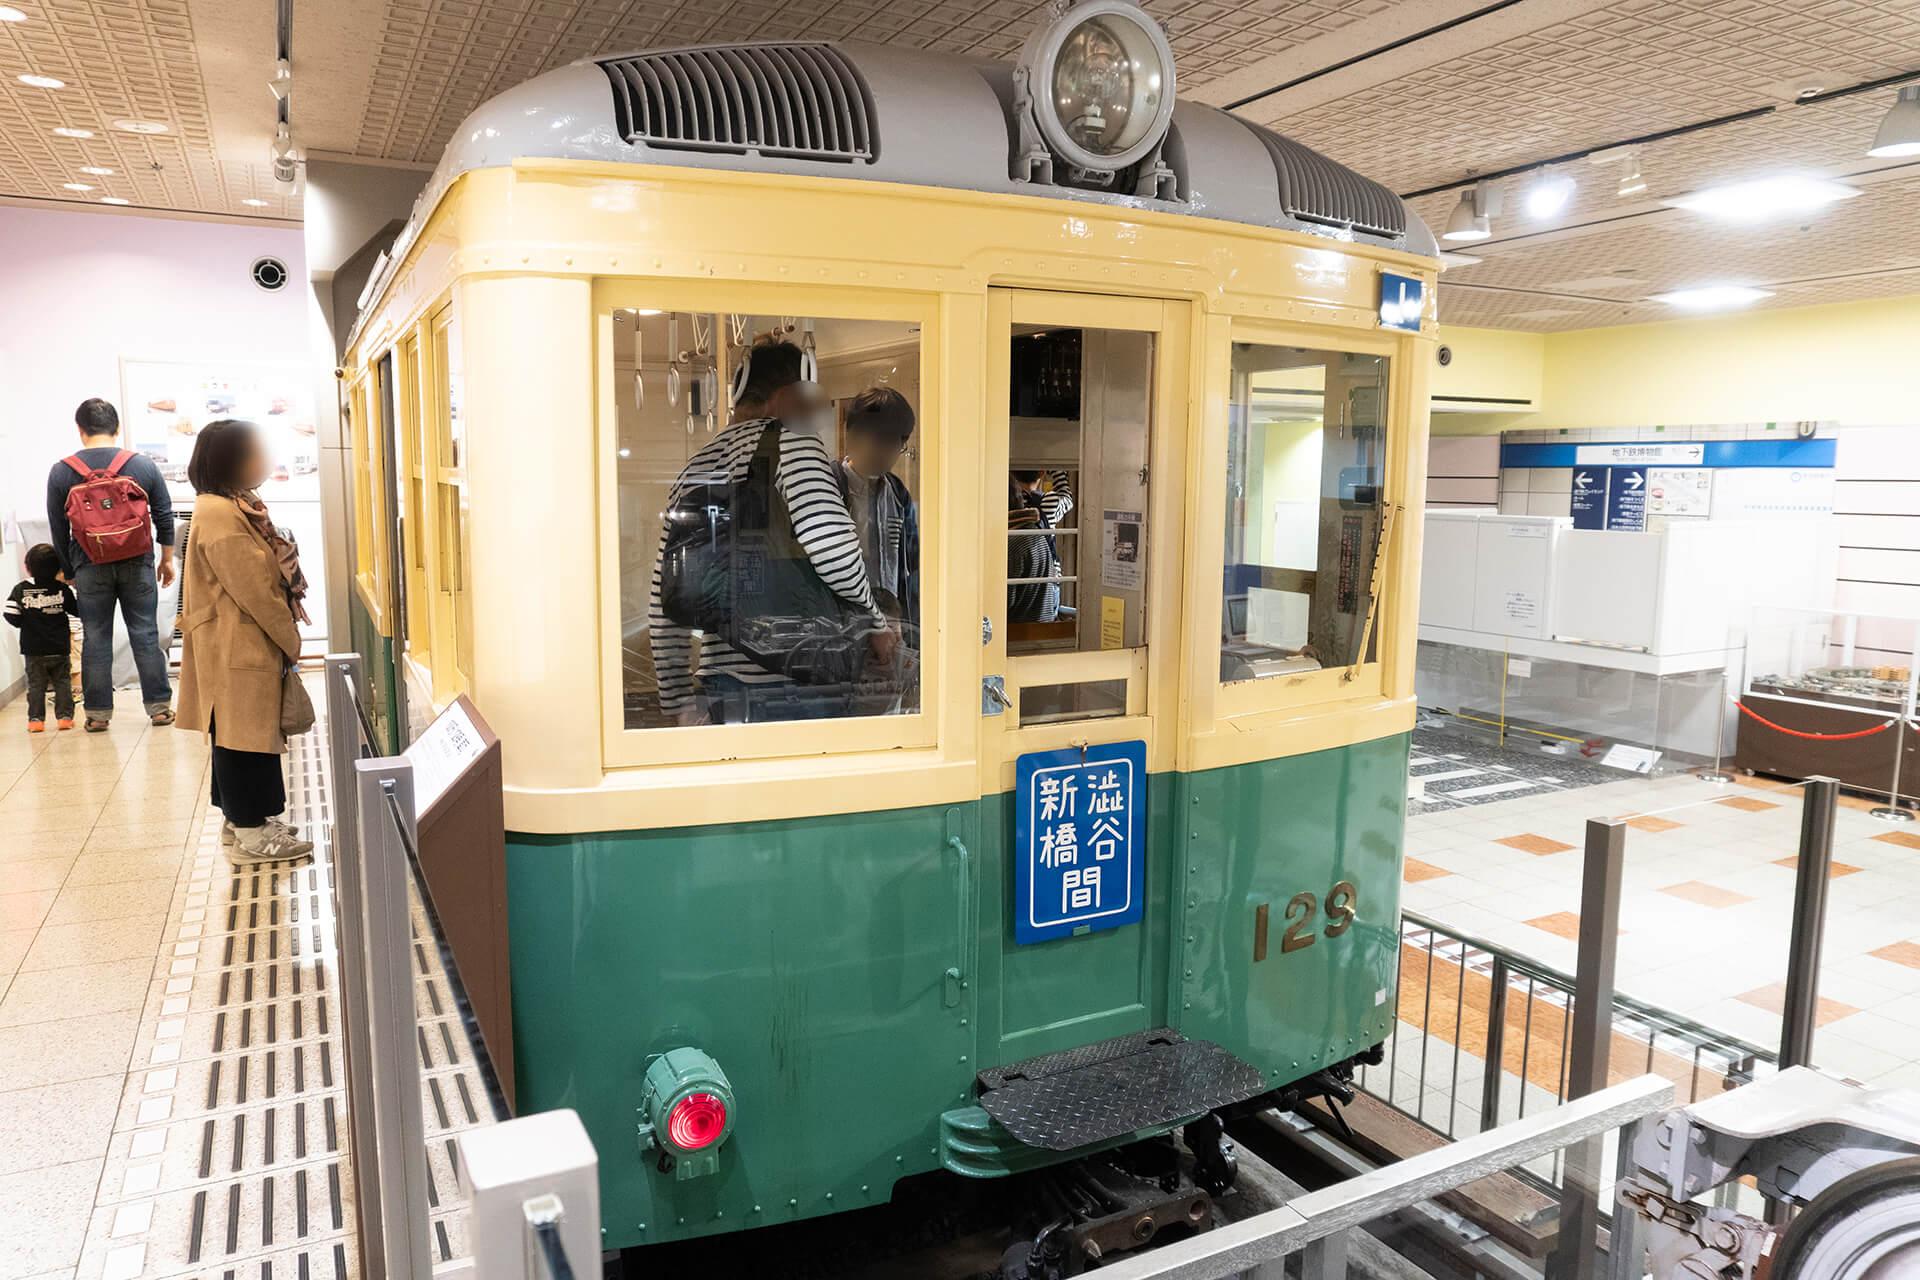 地下鉄博物館展示車